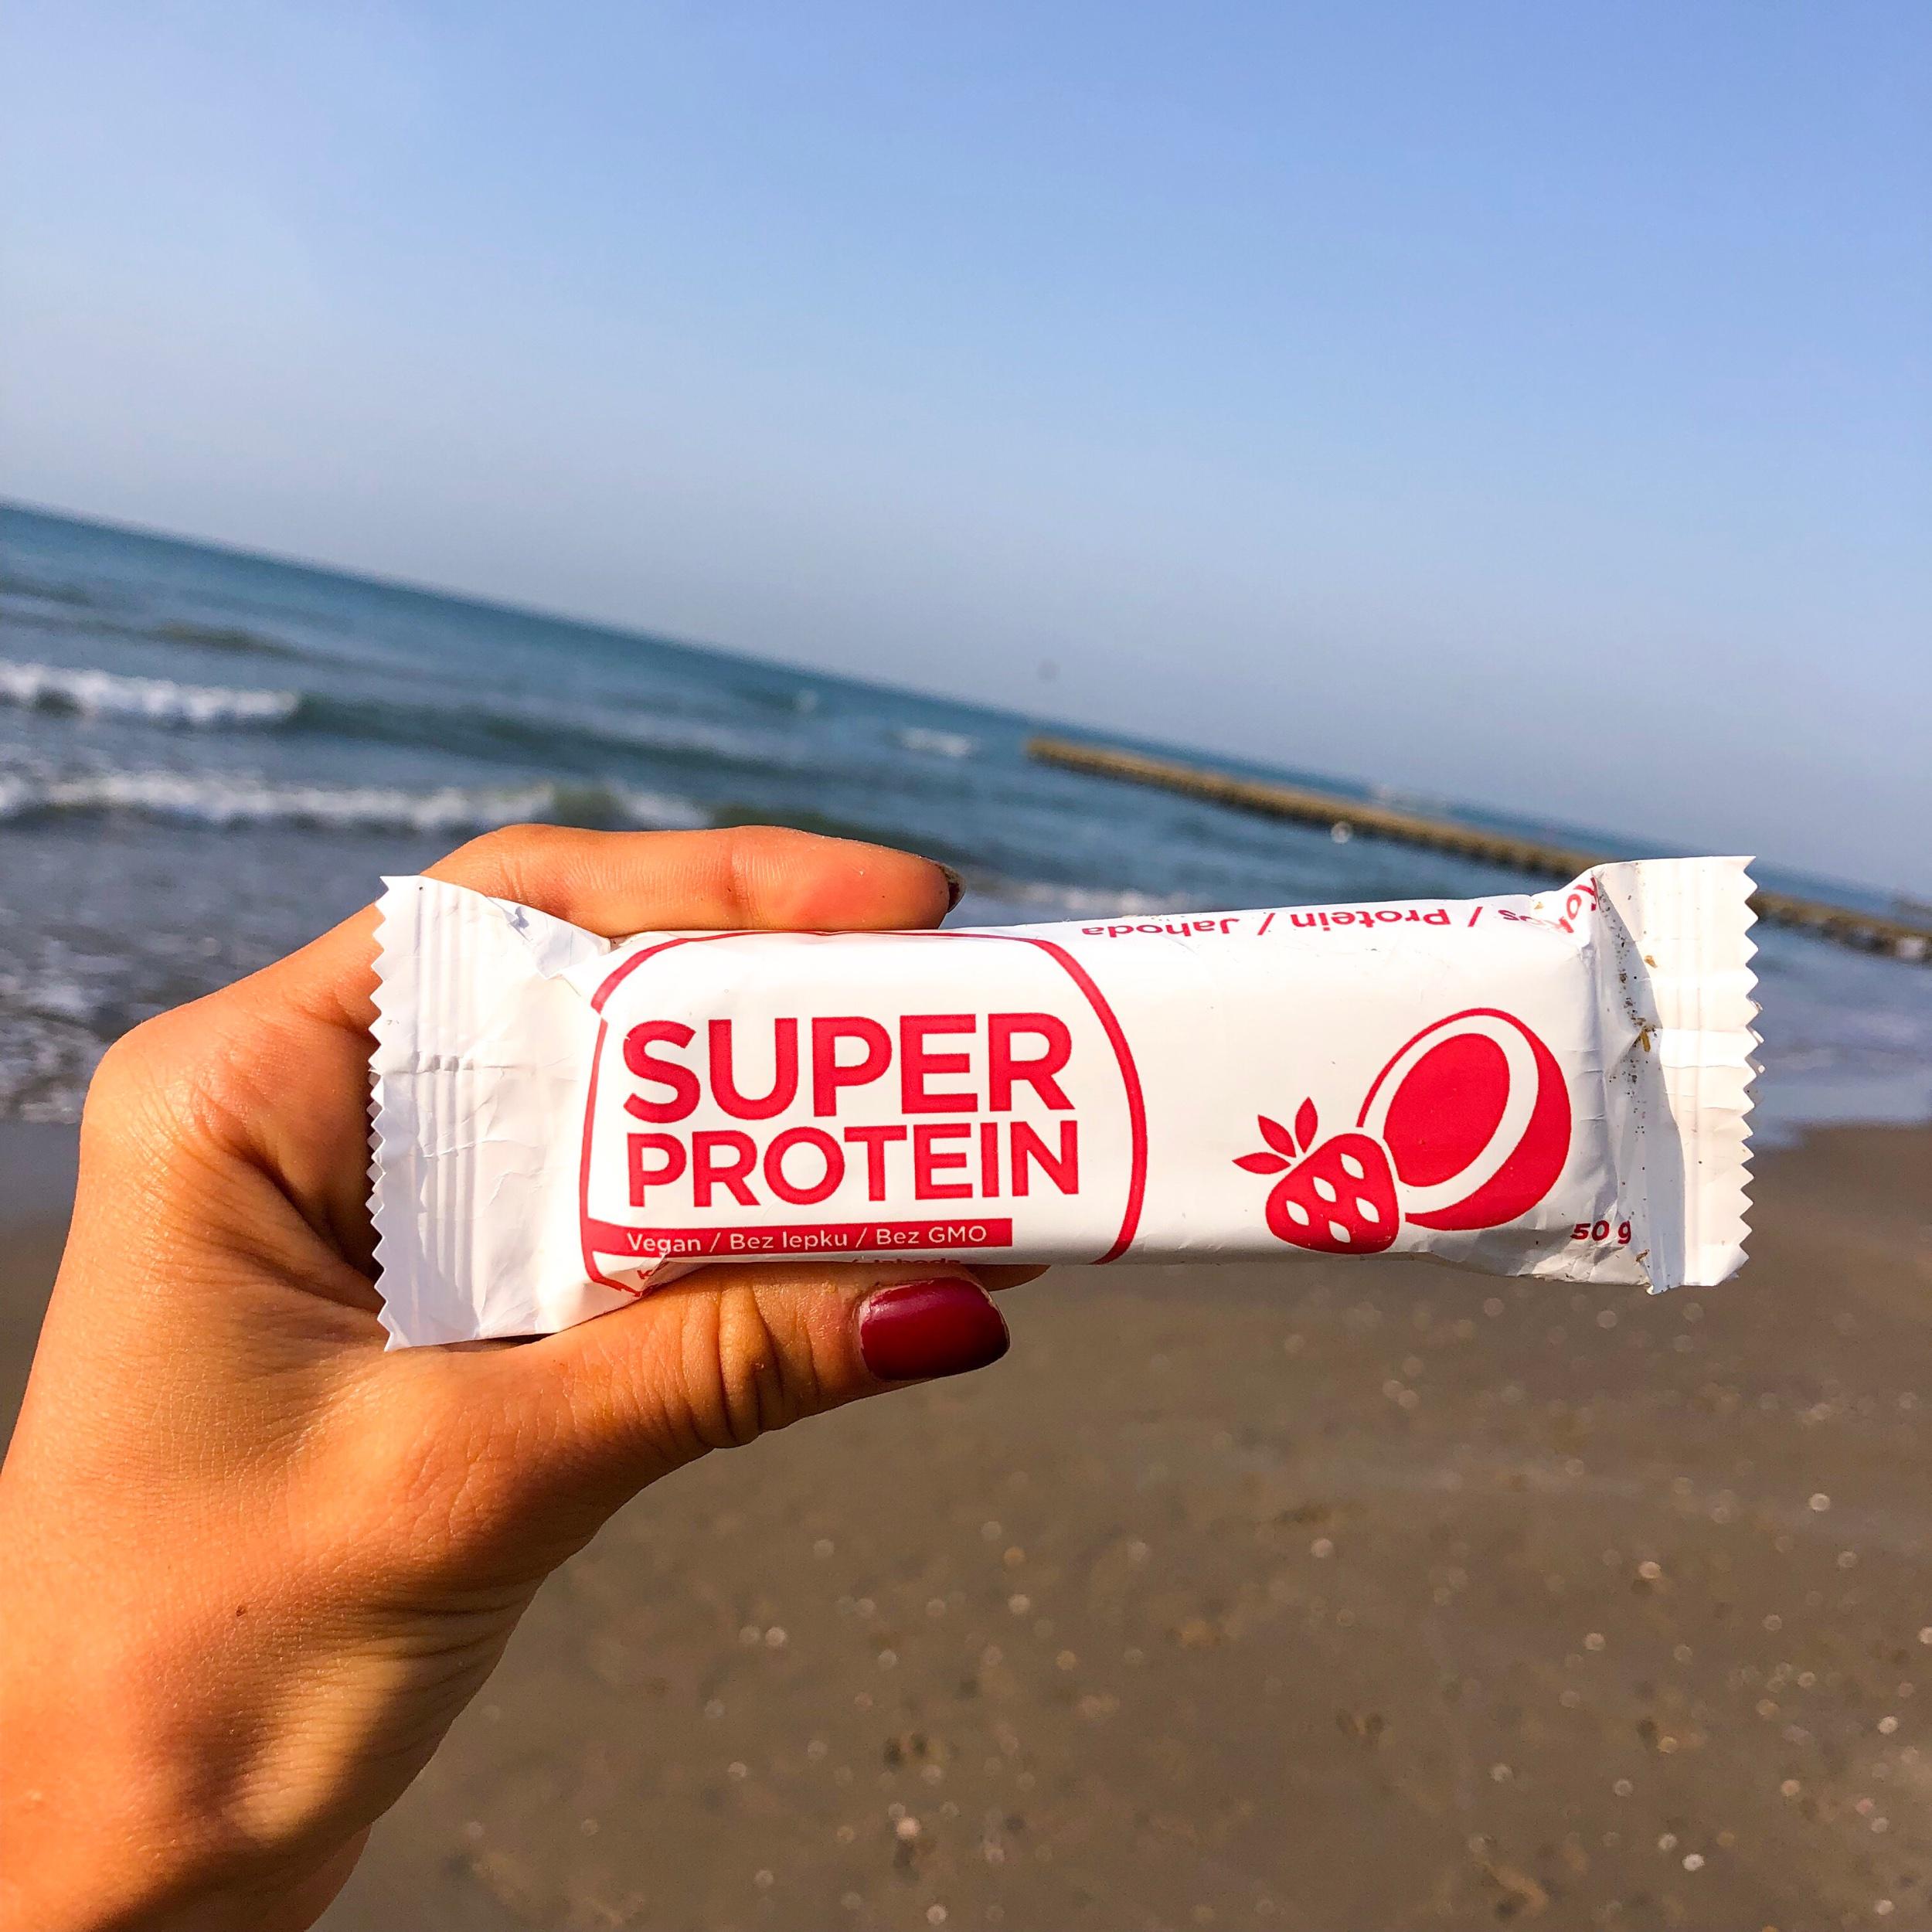 Na pláži mi nesměla chybět ani jahodová tyčinka z Balíčku zdraví - nebo zmrzlina Mrož?